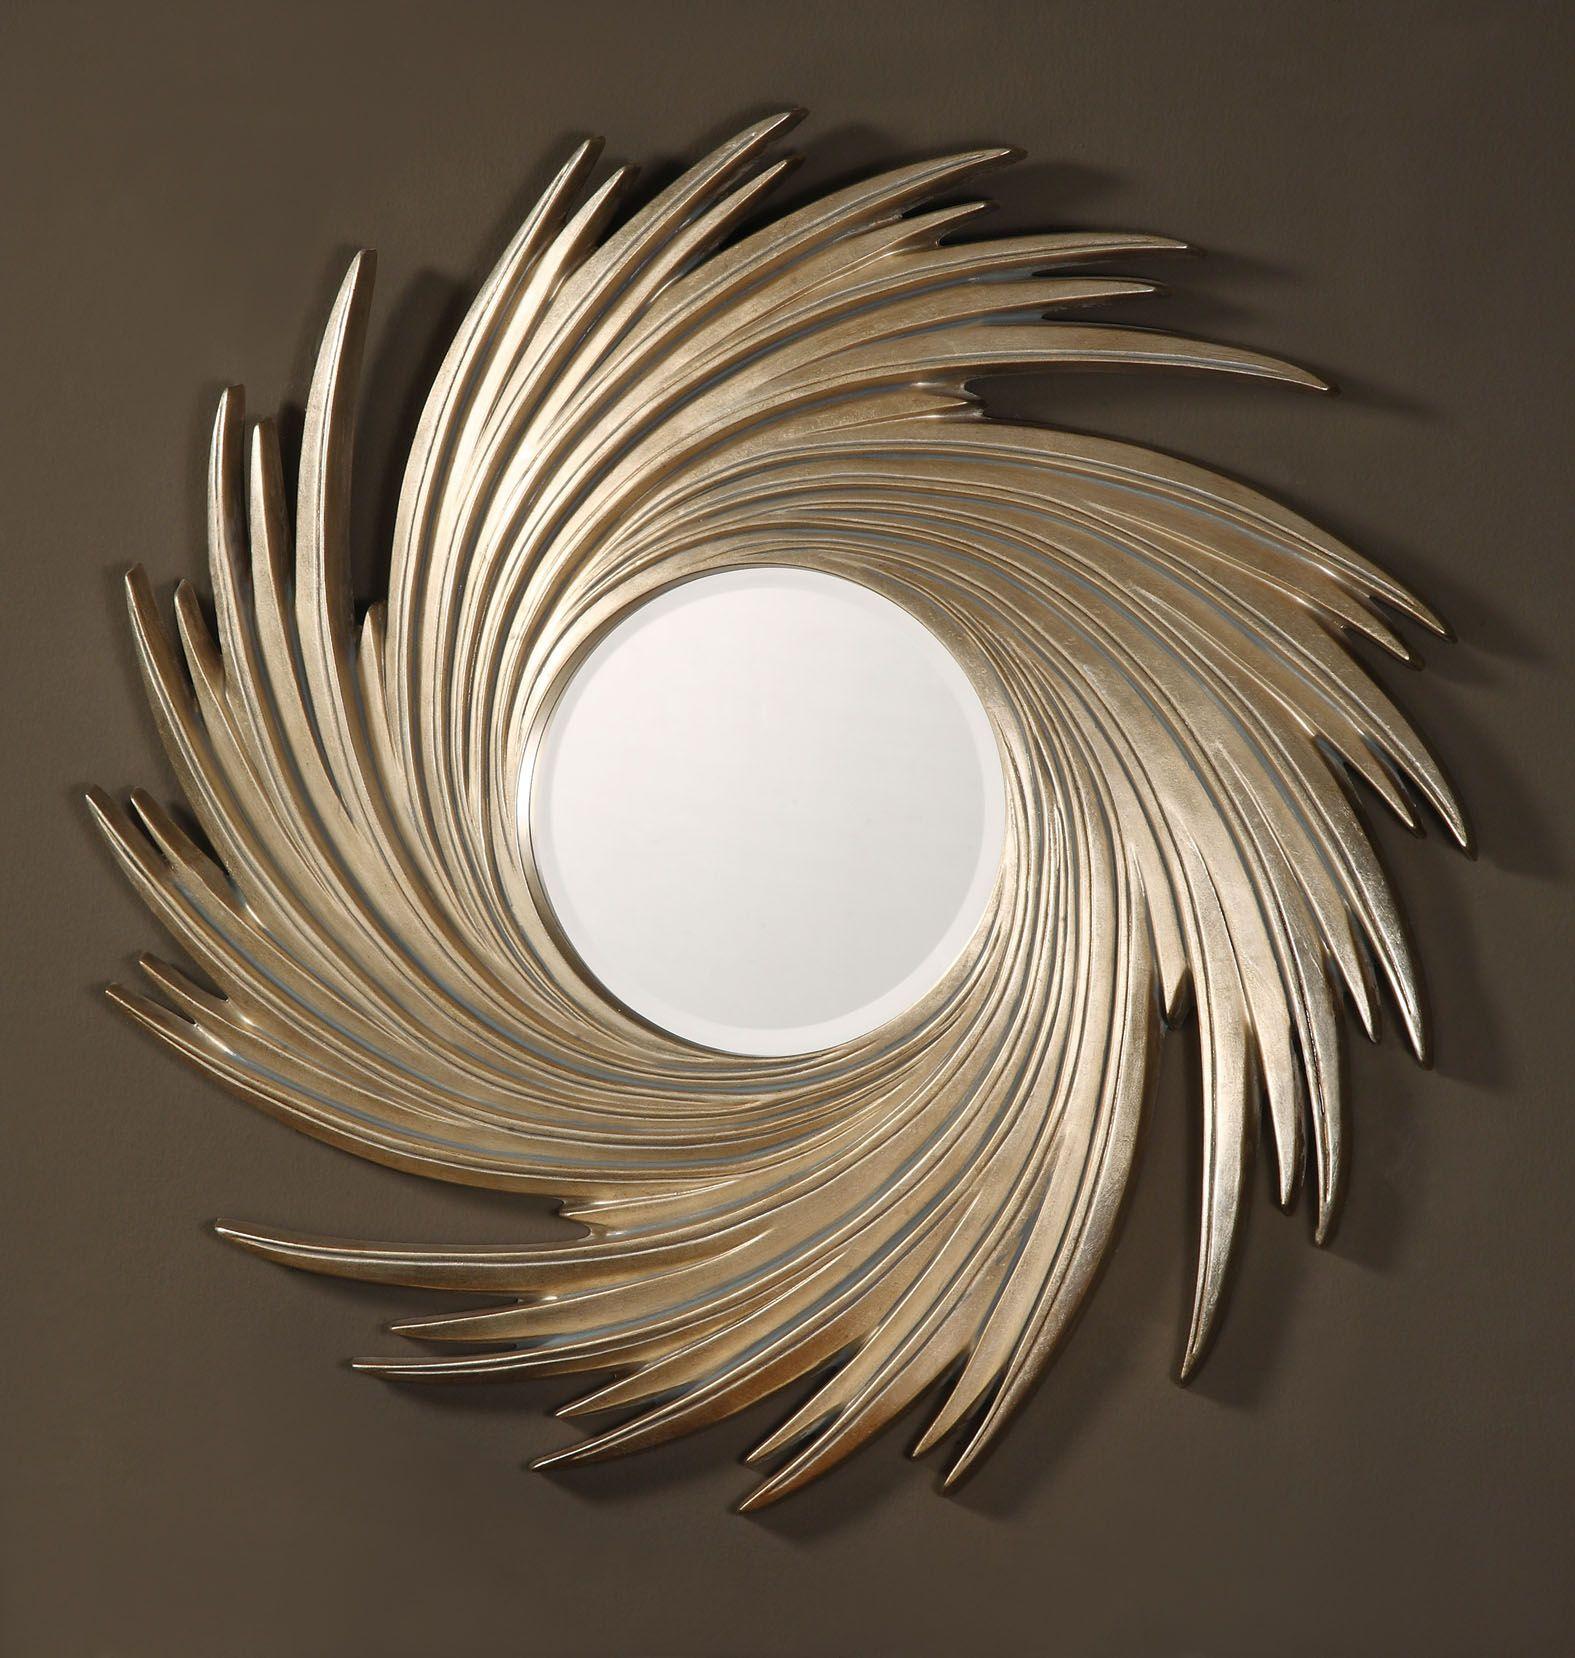 декоративное зеркало в оригинальной раме в 2019 г